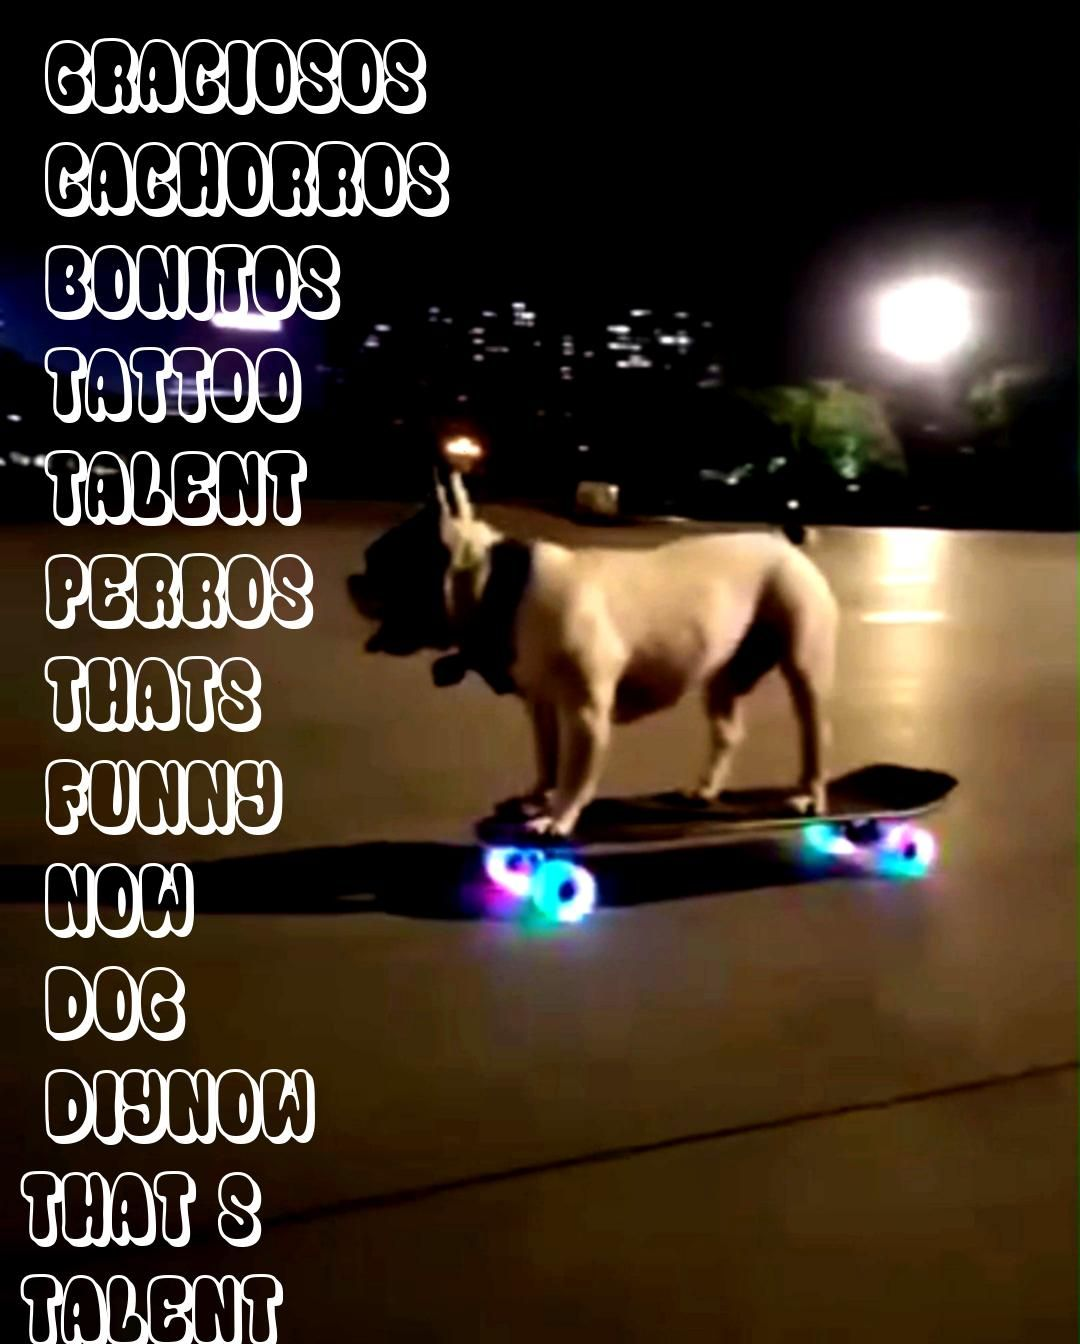 thats talent  diy funny tattoo bonitos cachorros graciososNow thats talent  diy funny tattoo bonitos cachorros graciosos Dog clothes cat pet supplies pet riding equipment...